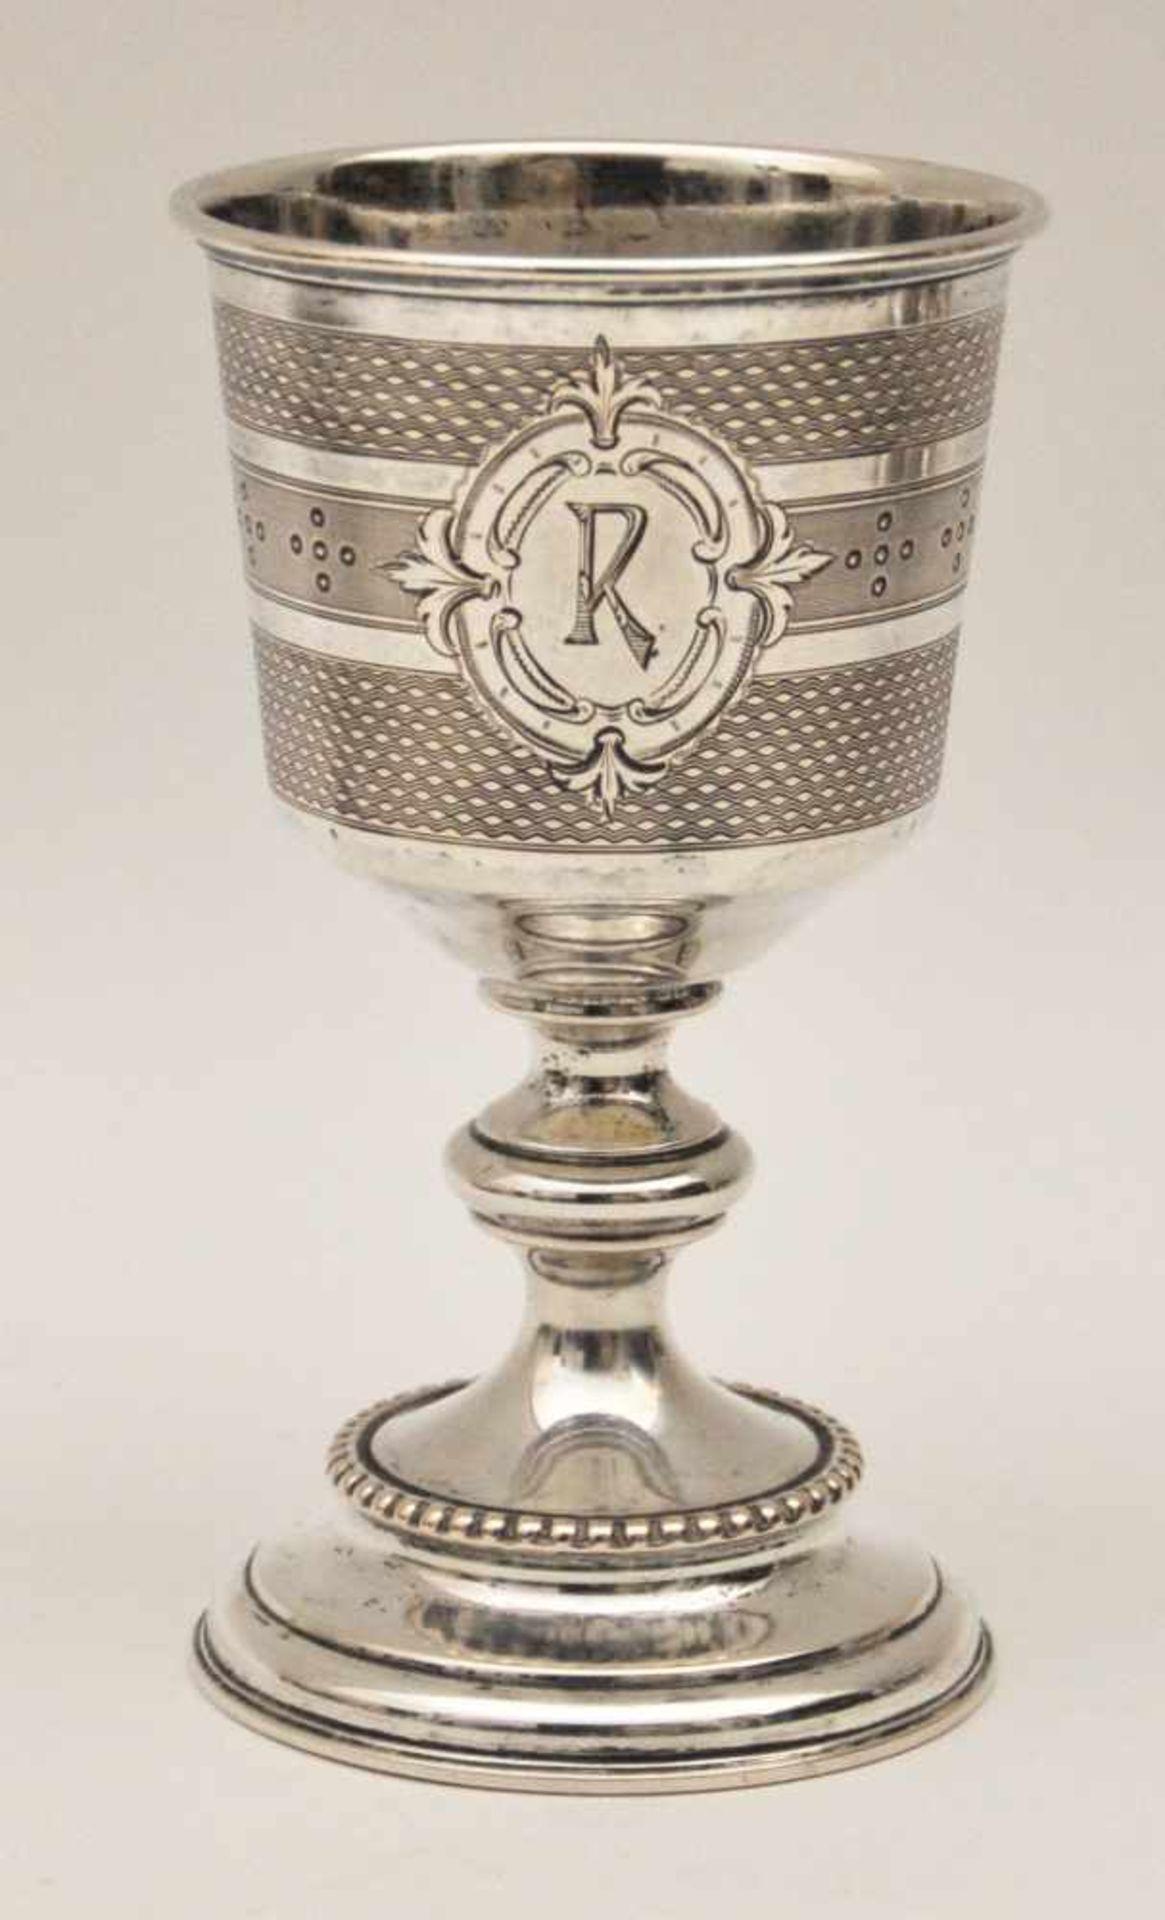 Los 26 - Kidduschbecher, Deutsch 19. Jh.Ziseliert graviert, Silberbecher 750 fein, Gewicht 95 g, Höhe 13 cm